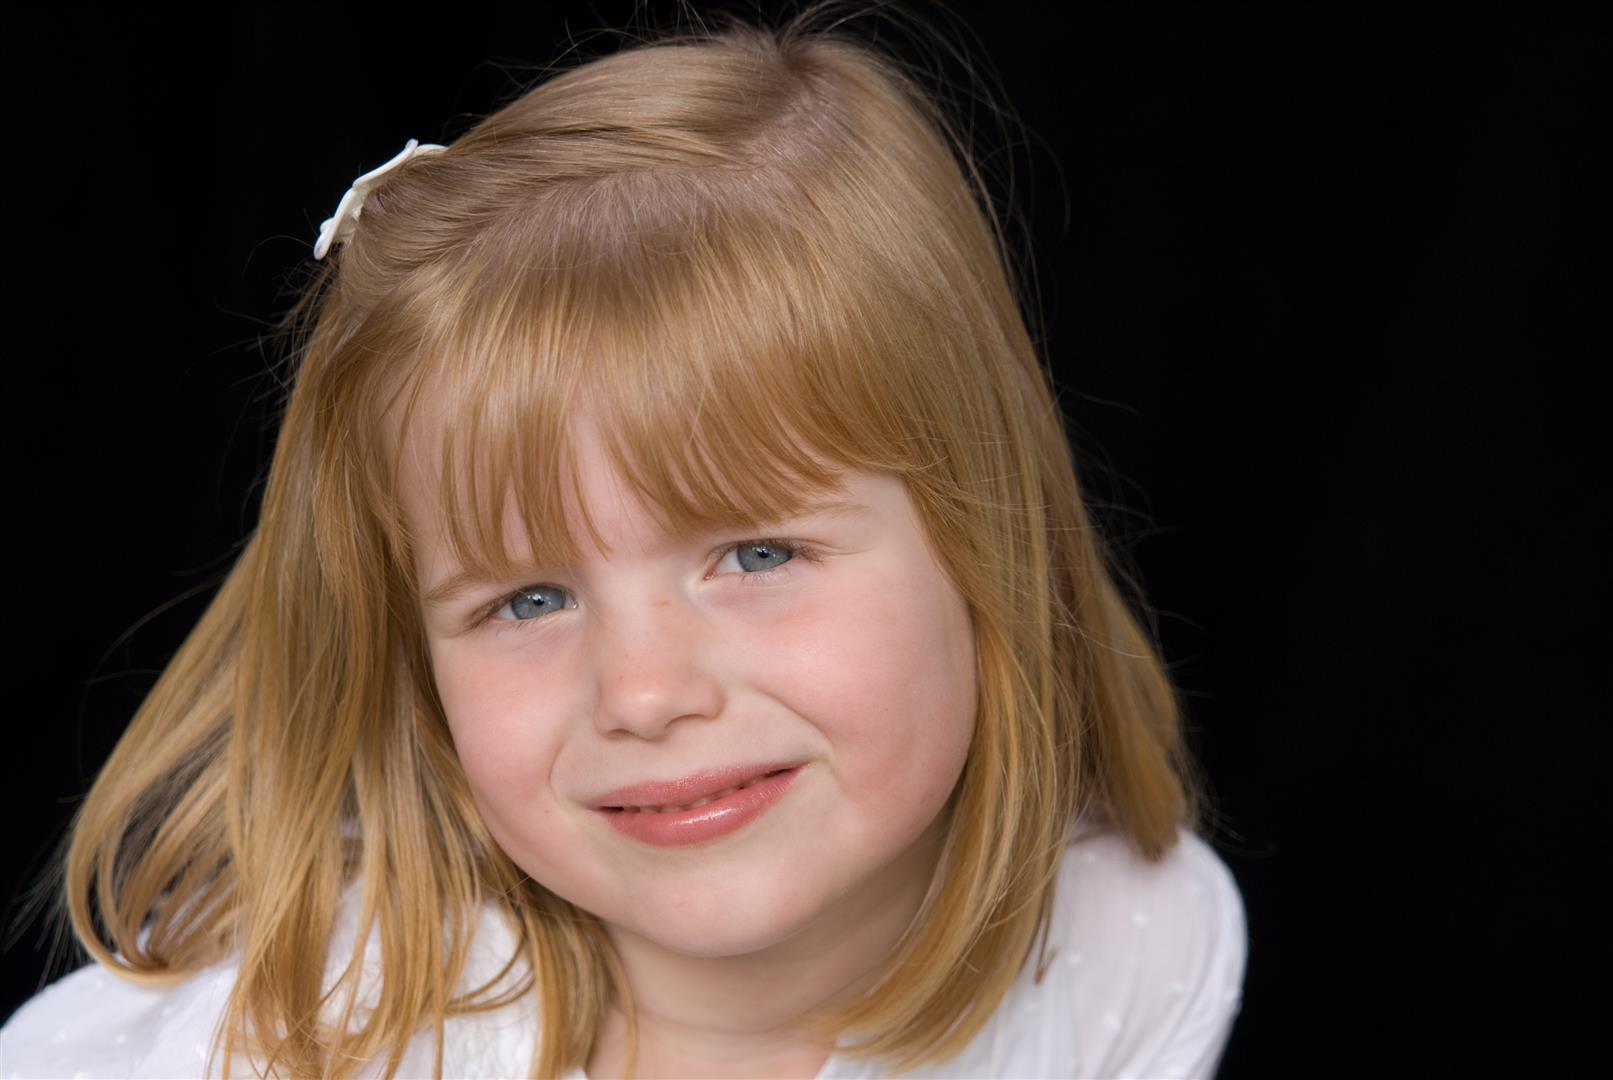 2017-03-20: Nieuwe foto toegevoegd aan het Album Portretten Kinderen